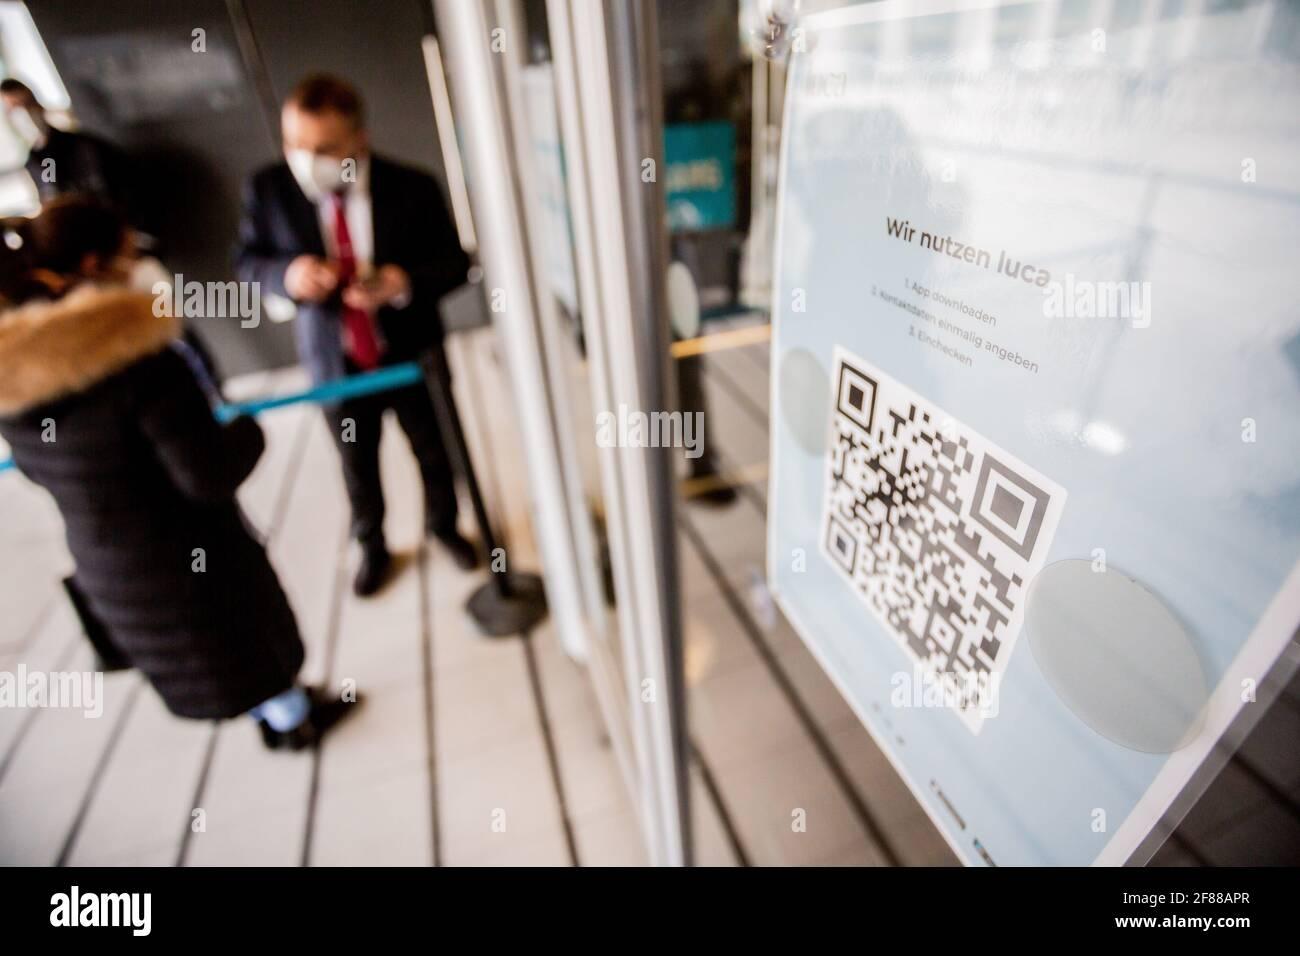 Berlin, Deutschland. April 2021. Ein QR-Code zum Herunterladen der Luca App hängt am Eingang eines Bekleidungshauses am Alexanderplatz. Die App dient zur Bereitstellung von Daten für eine mögliche Kontaktverfolgung. Quelle: Christoph Soeder/dpa/Alamy Live News Stockfoto